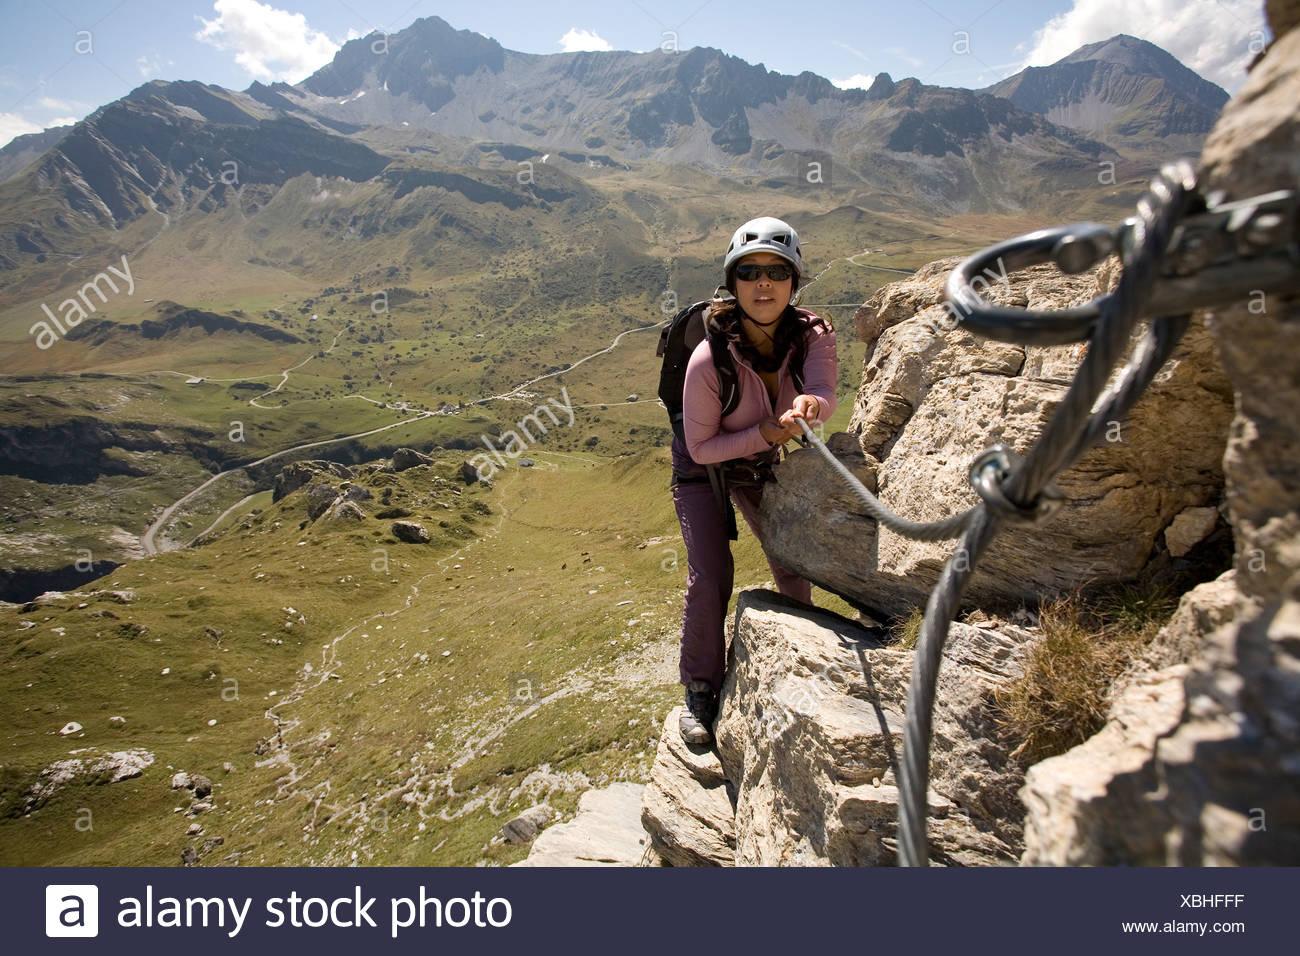 Una joven utiliza el cable atornillada a la roca para escalar el apoyo mientras participan en el deporte de la Via Ferrata en Francés Imagen De Stock